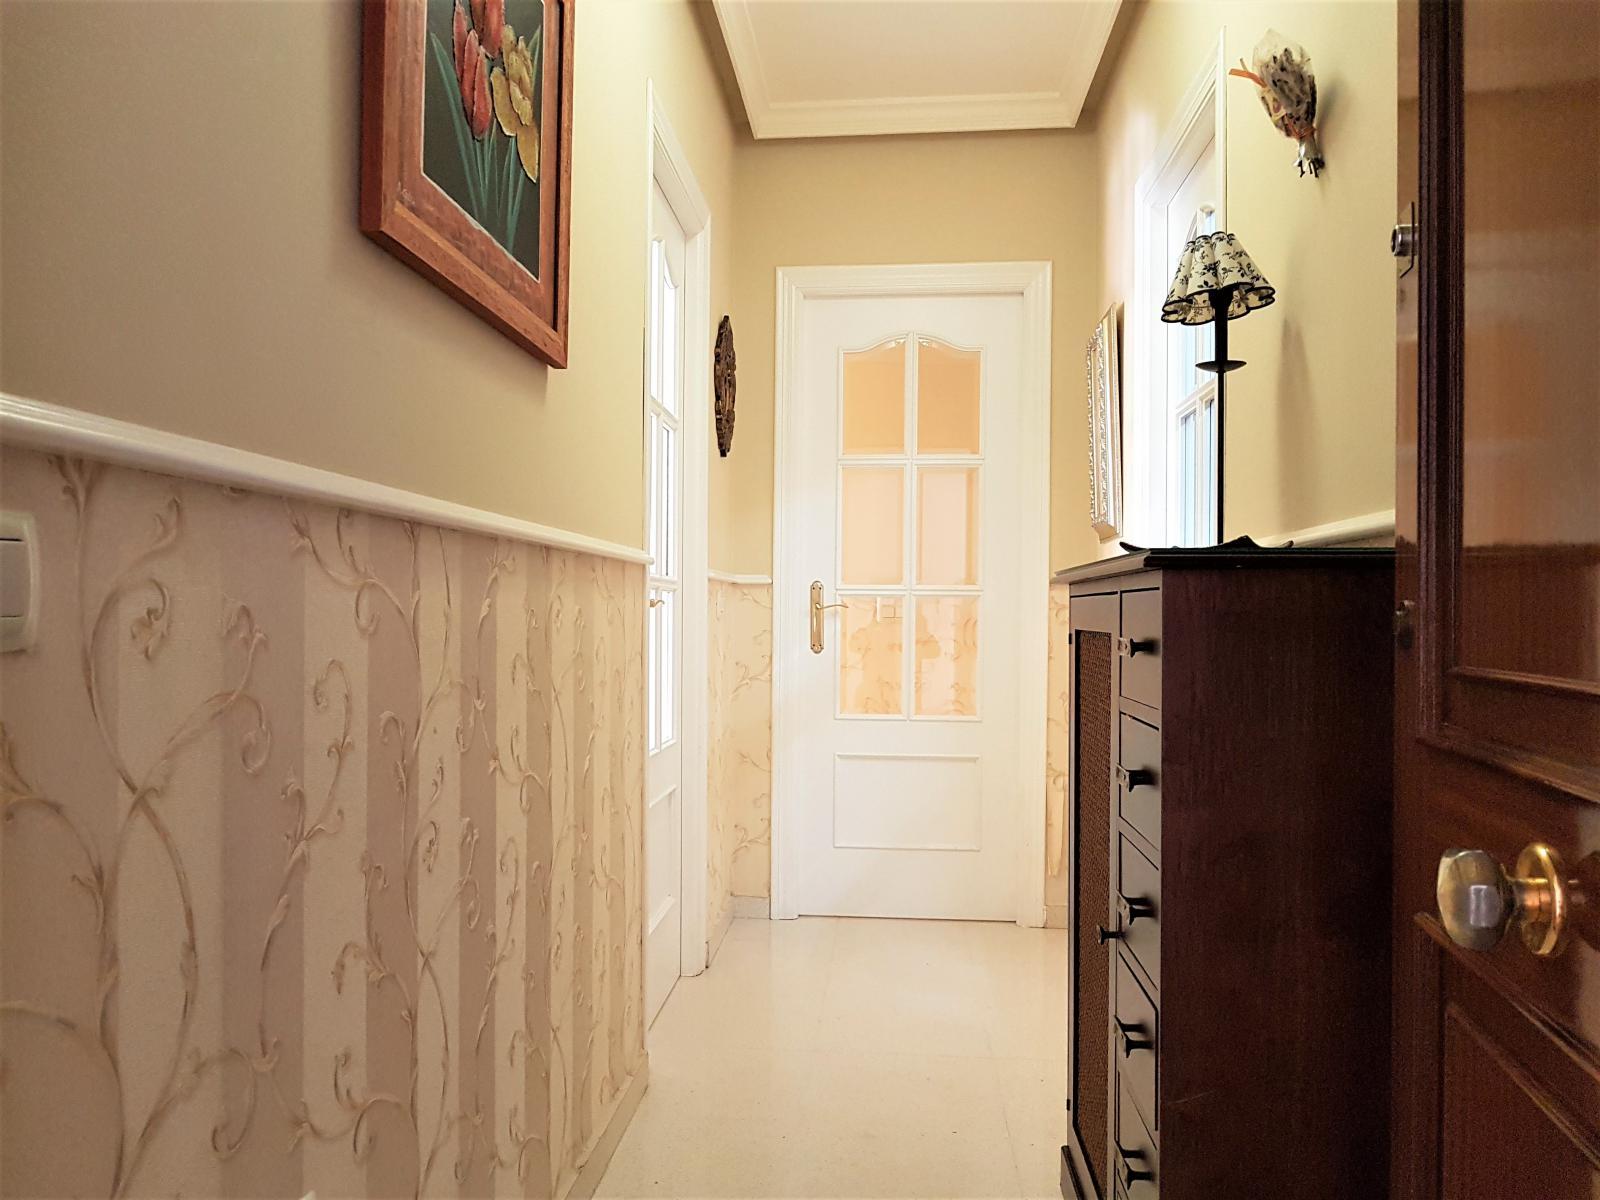 Muebles En Puente Genil Excellent Catlogos Foto With Muebles En  # Muebles Serrano Puente Genil